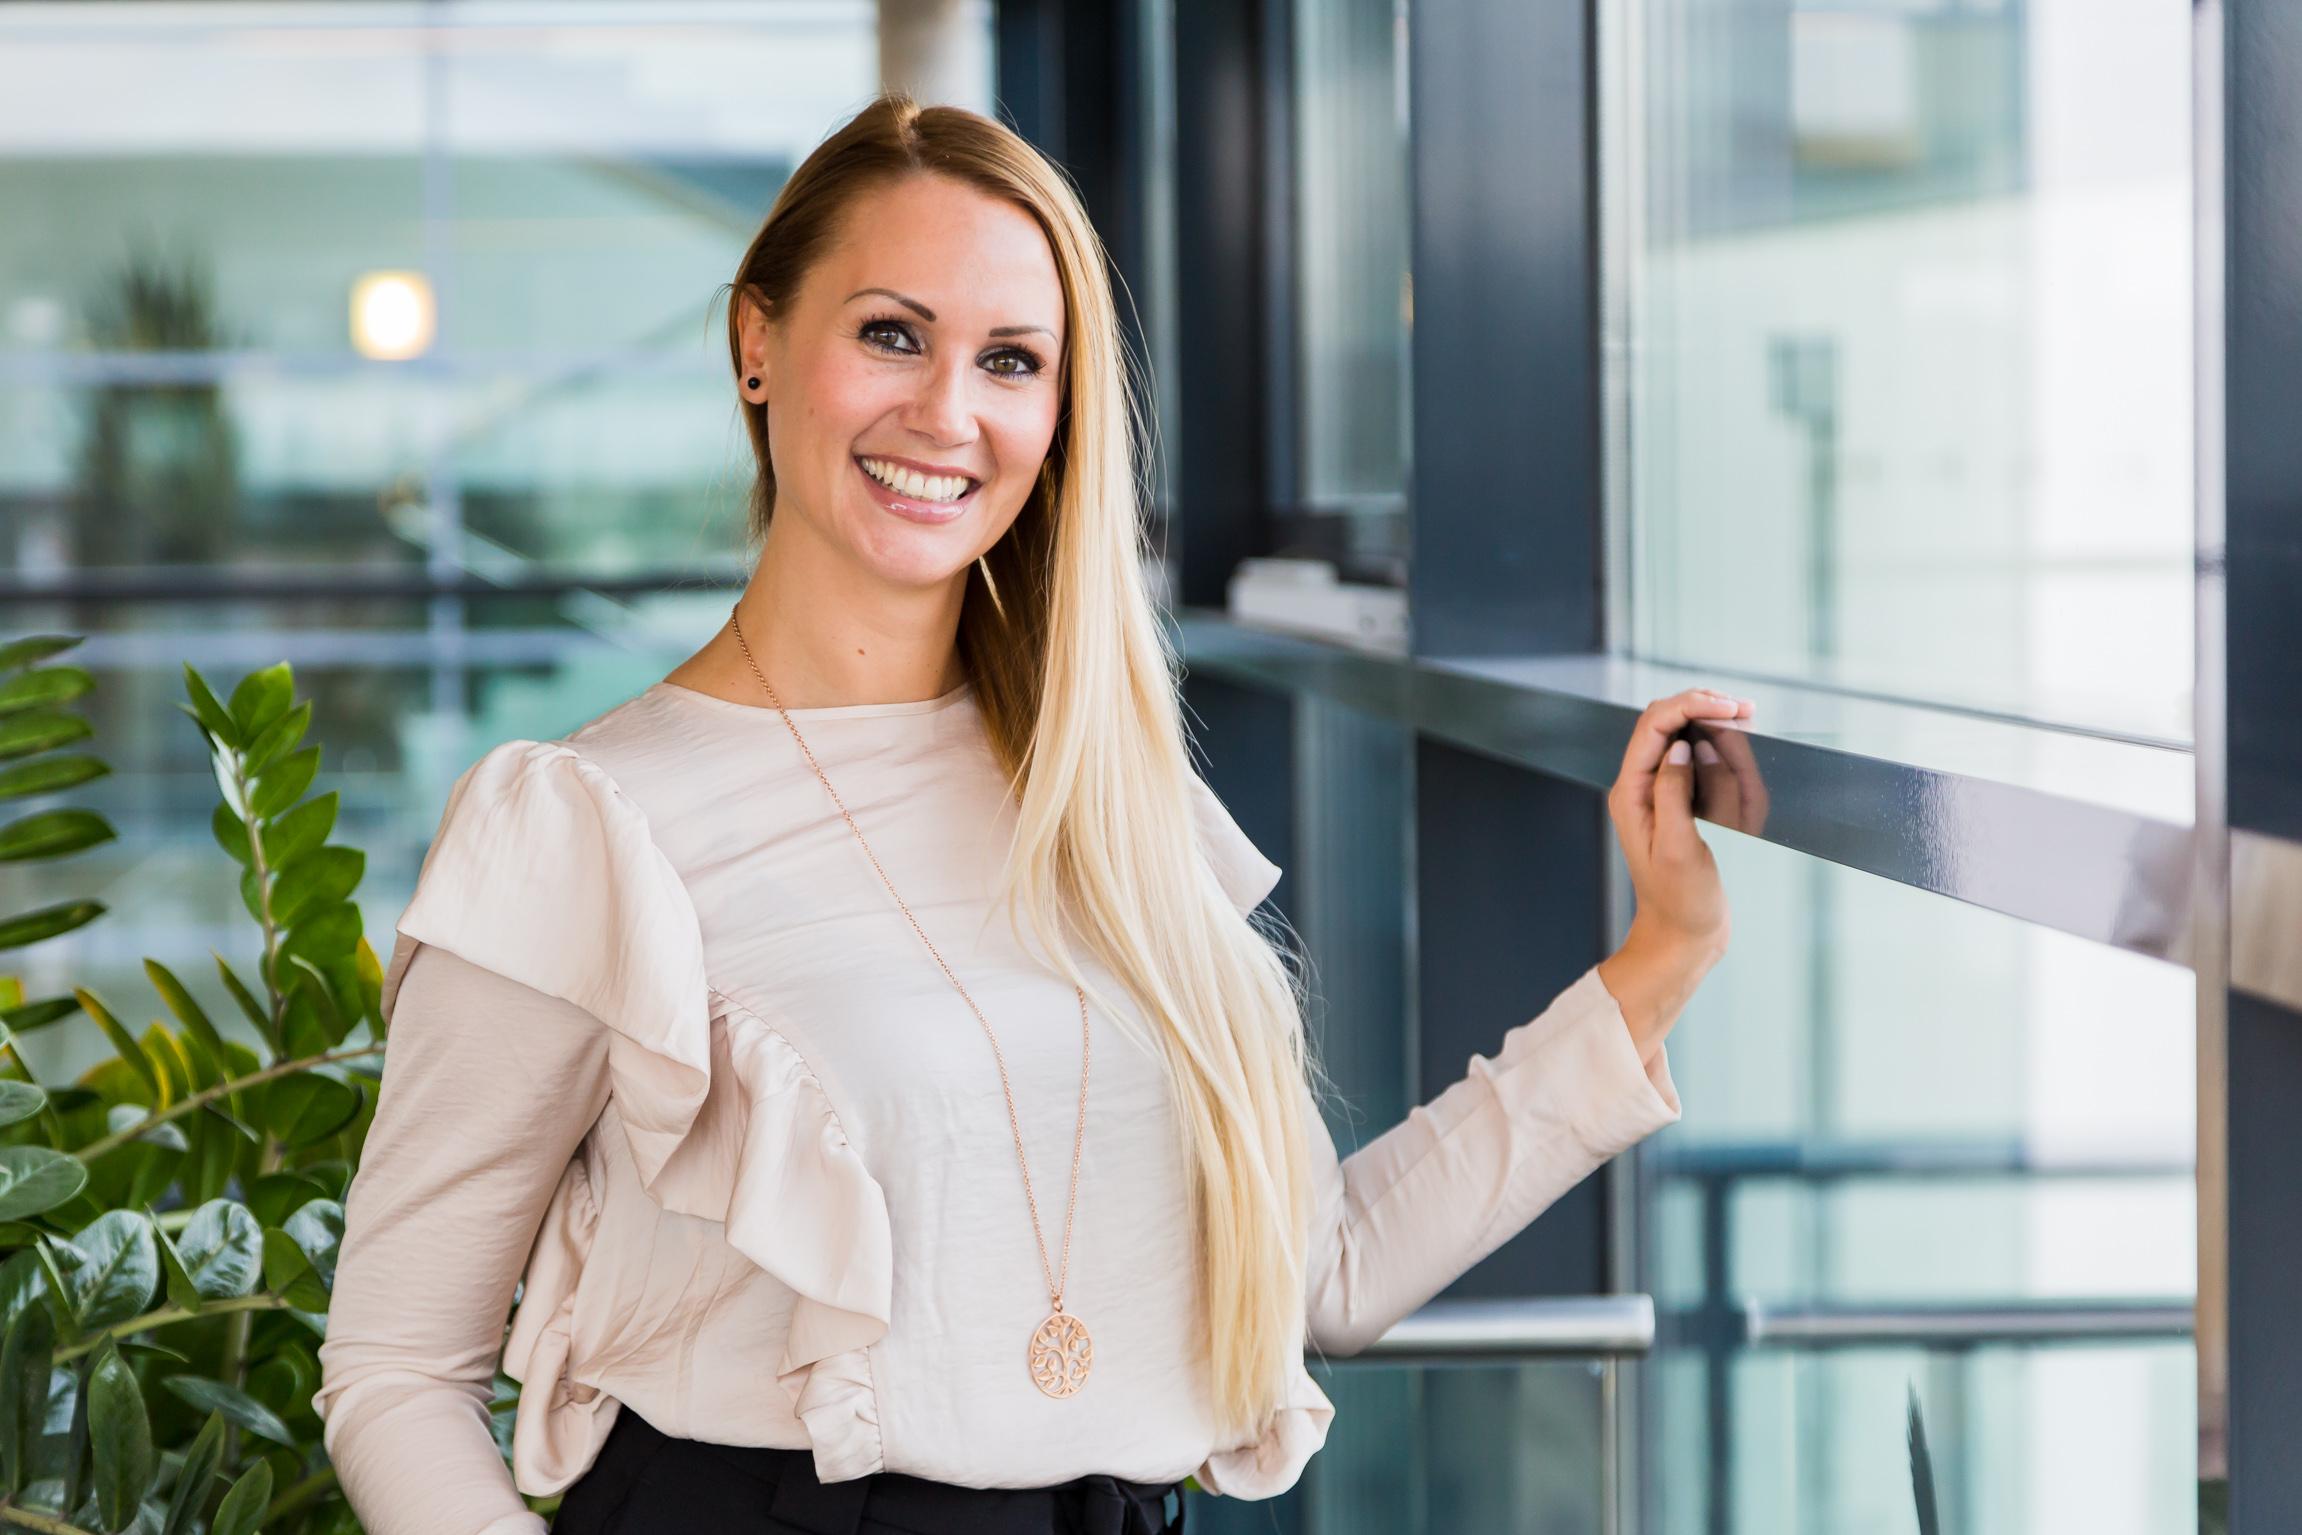 Ausgezeichnete Wissenschaftlerin lehrt und forscht an der FH Kärnten